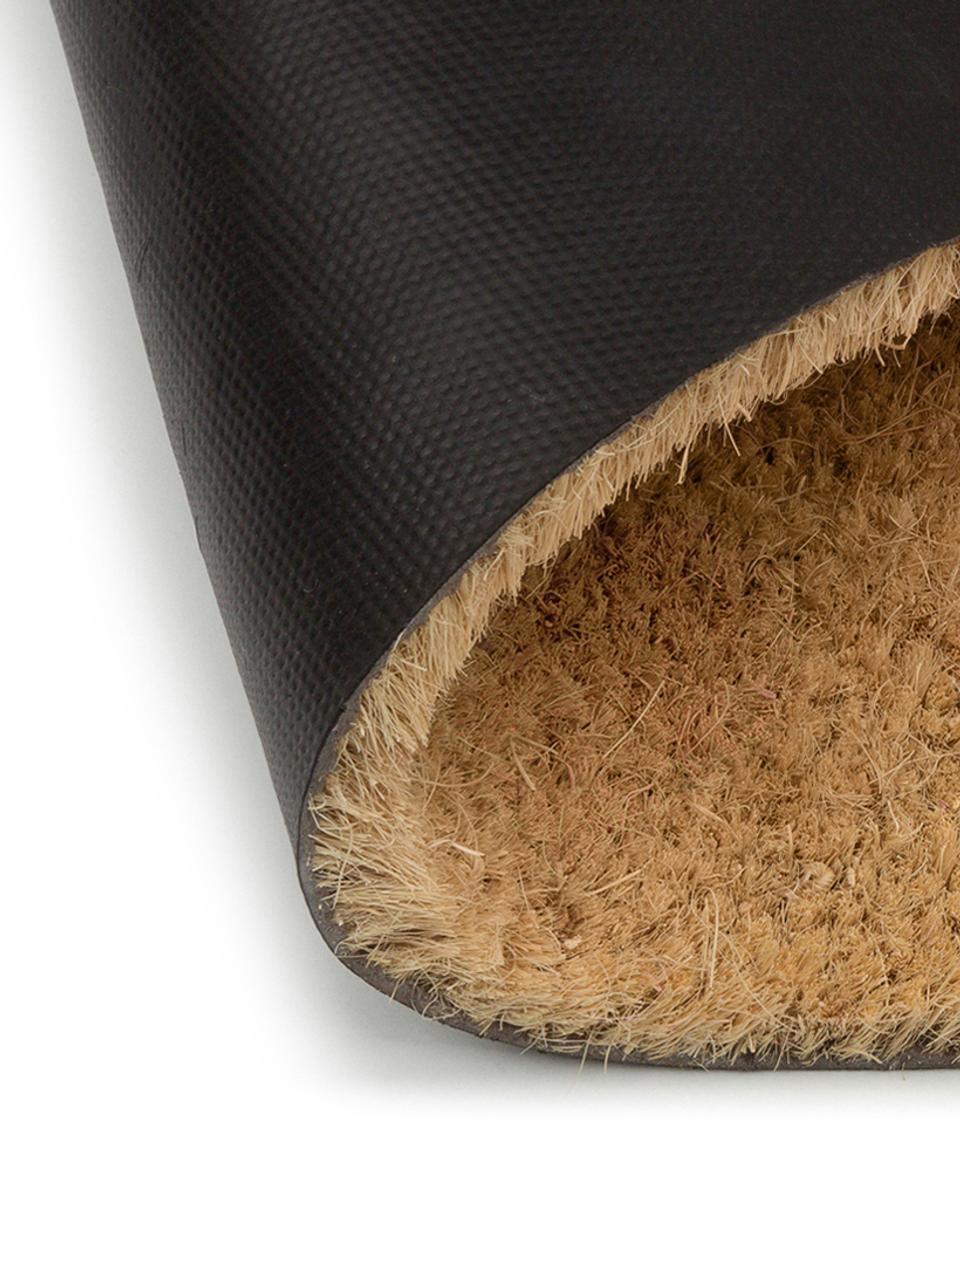 Zerbino in cocco Just For Your Home, Retro: materiale sintetico (PVC), Marrone, nero, Larg. 40 x Lung. 60 cm